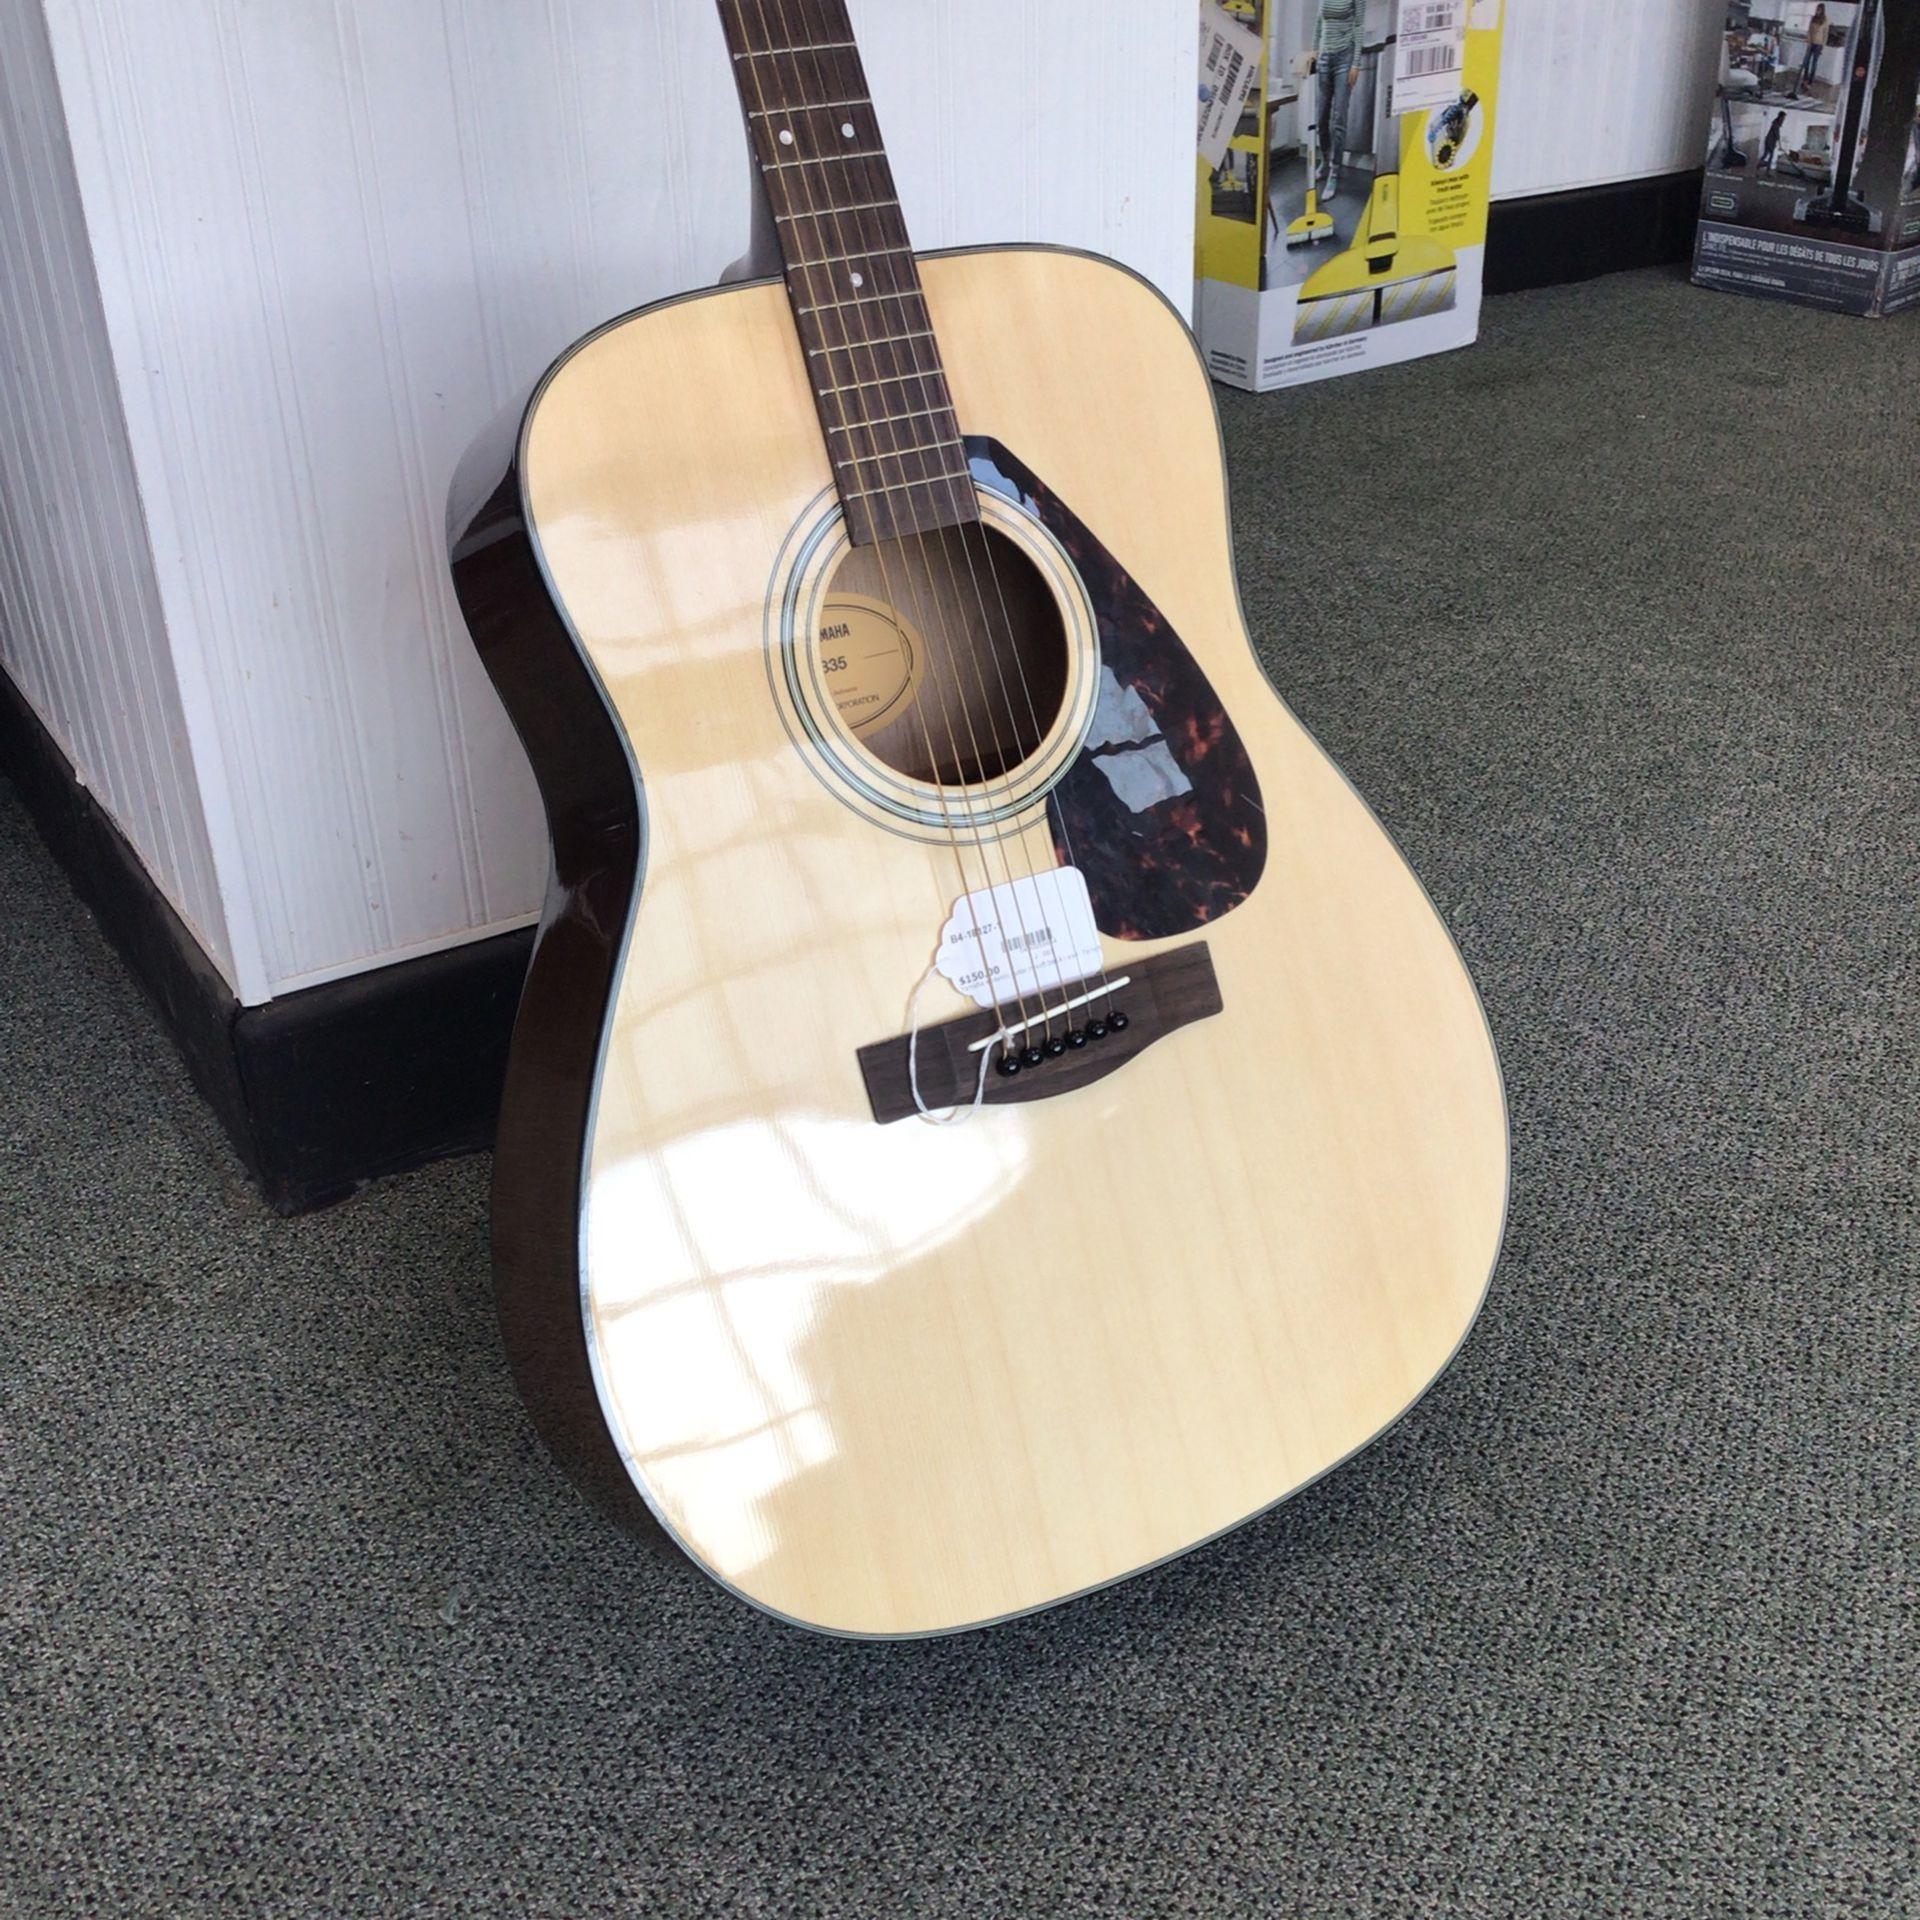 Yamaha F335 Acoustic Guitar With Gig Bag!